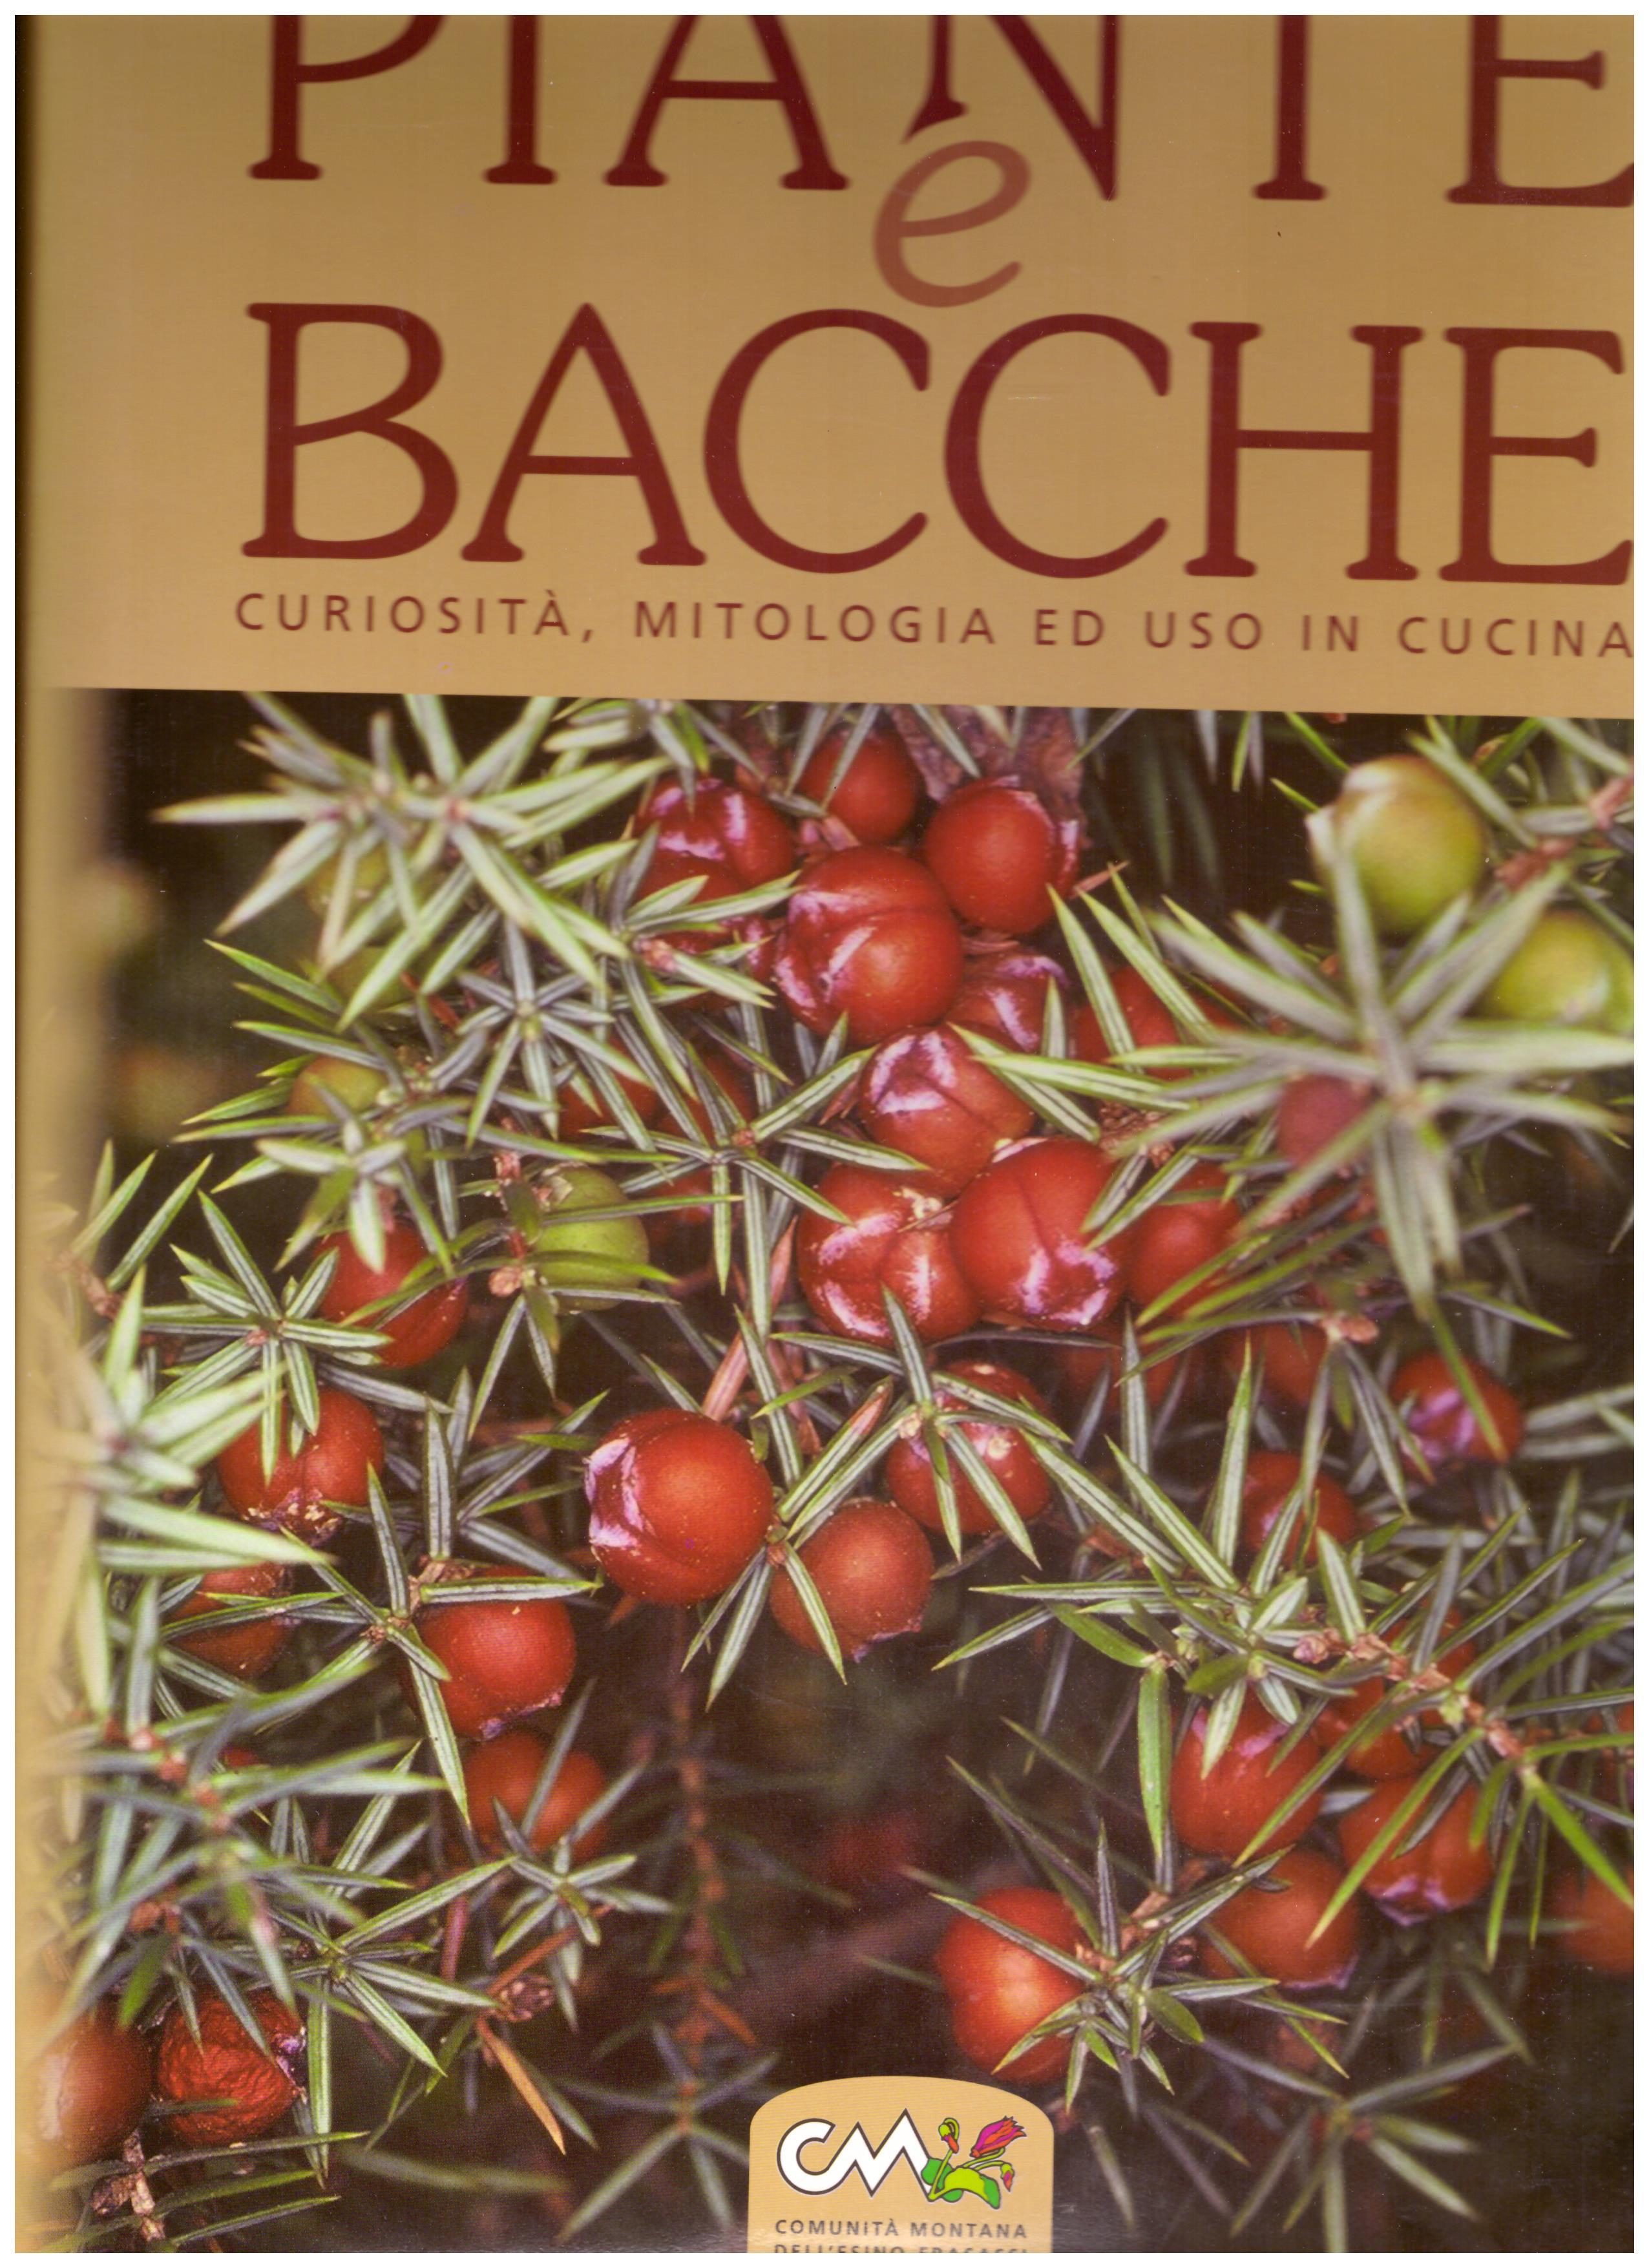 Titolo: Piante e bacche     Autore: AA.VV.     Editore: Comunità montana Esino-Frasassi, 2007